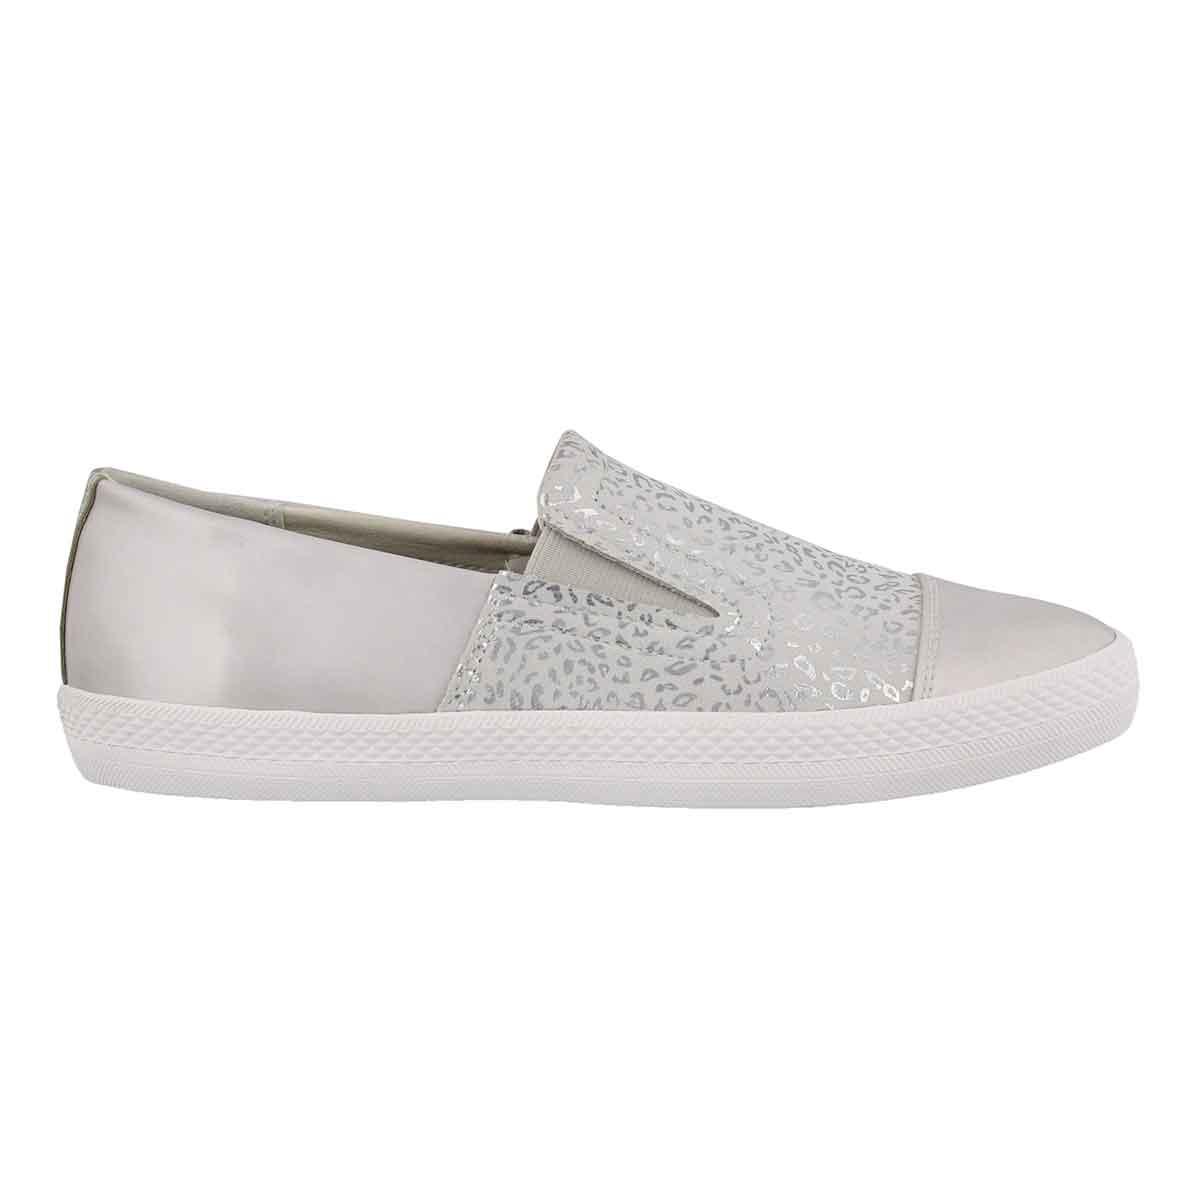 Lds Giyo off white slip on sneaker